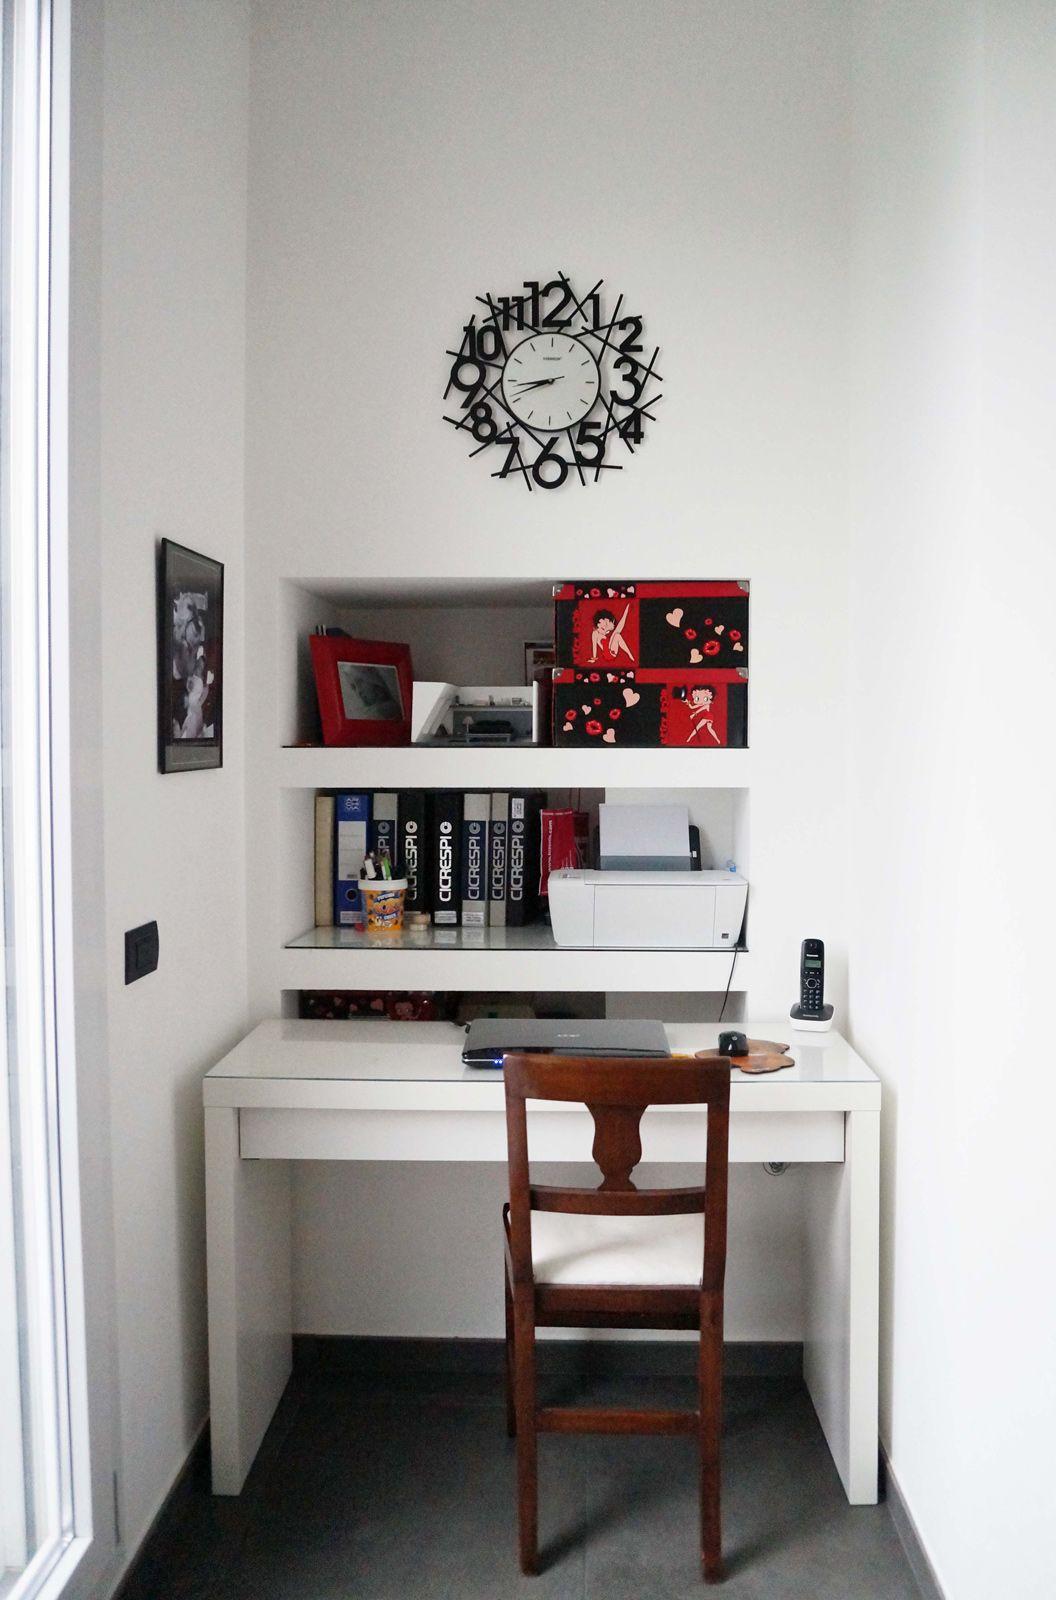 l'angolo studio è stato ricavato in una nicchia dietro alla parete ... - Creare Angolo Studio In Soggiorno 2